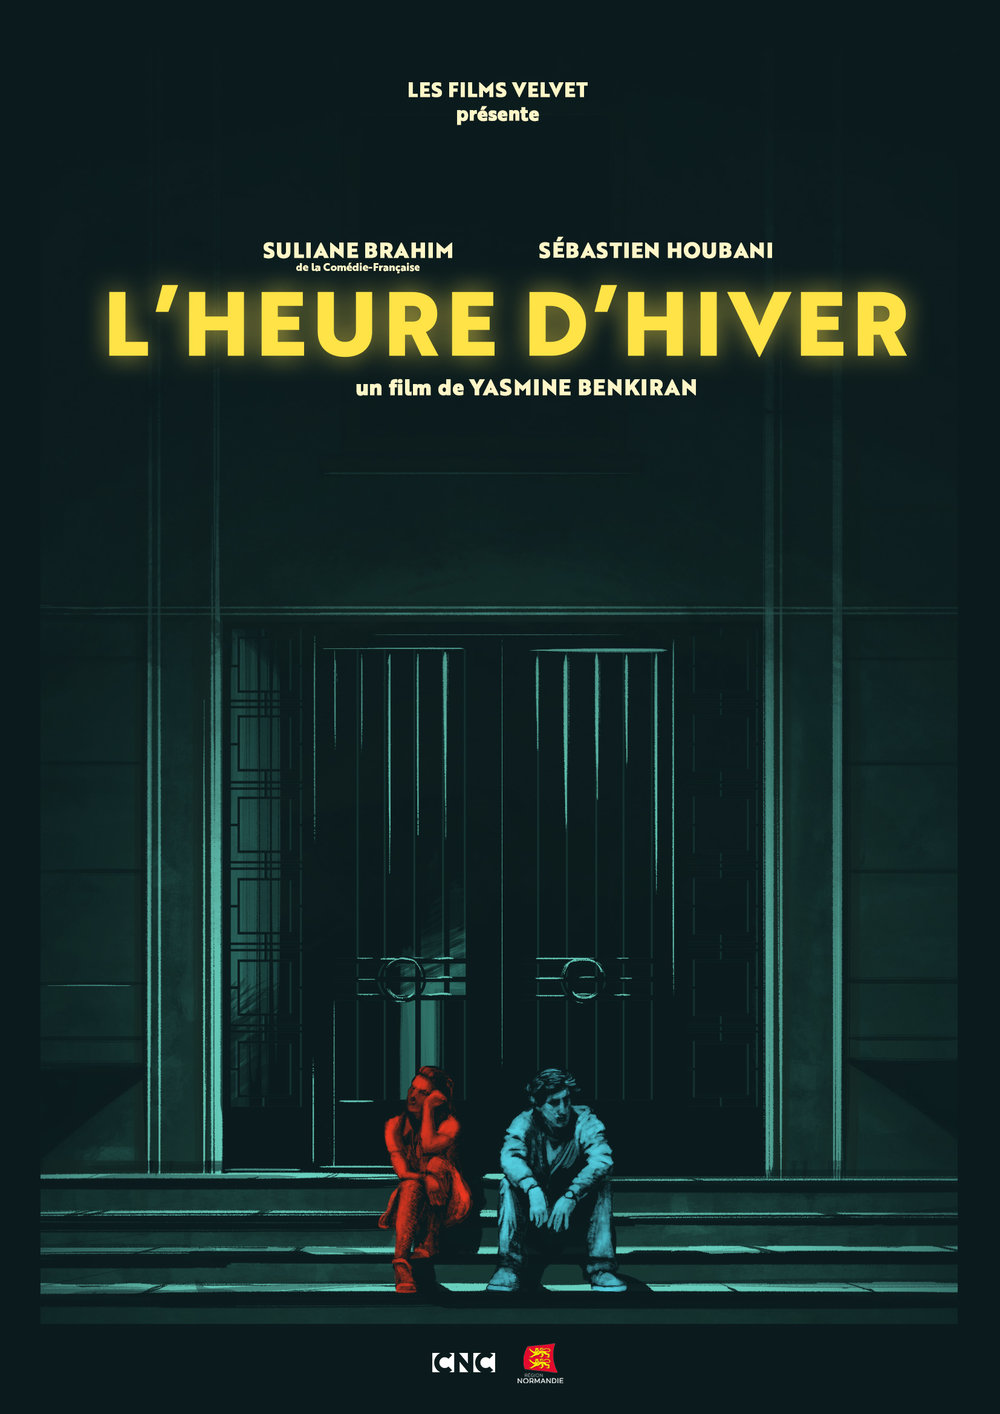 Client: Les Films Velvet